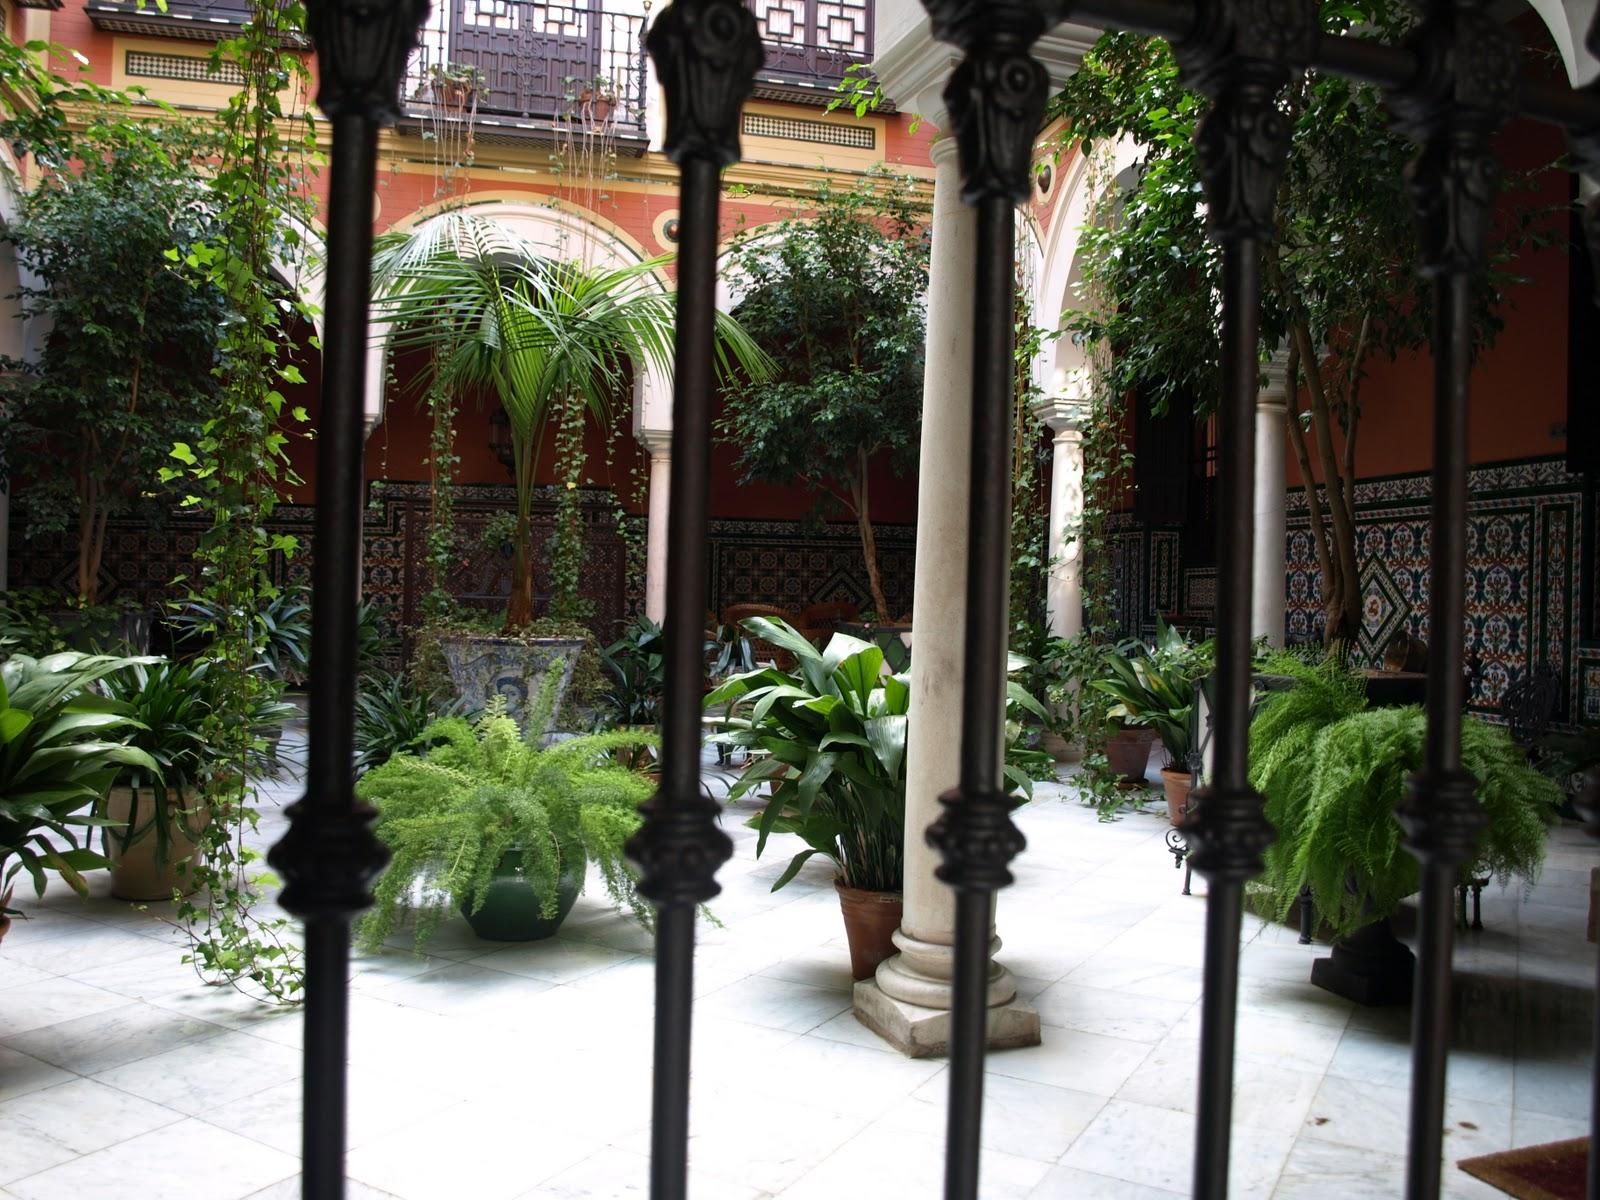 Sevilla daily photo un patio andaluz - Un patio andaluz ...